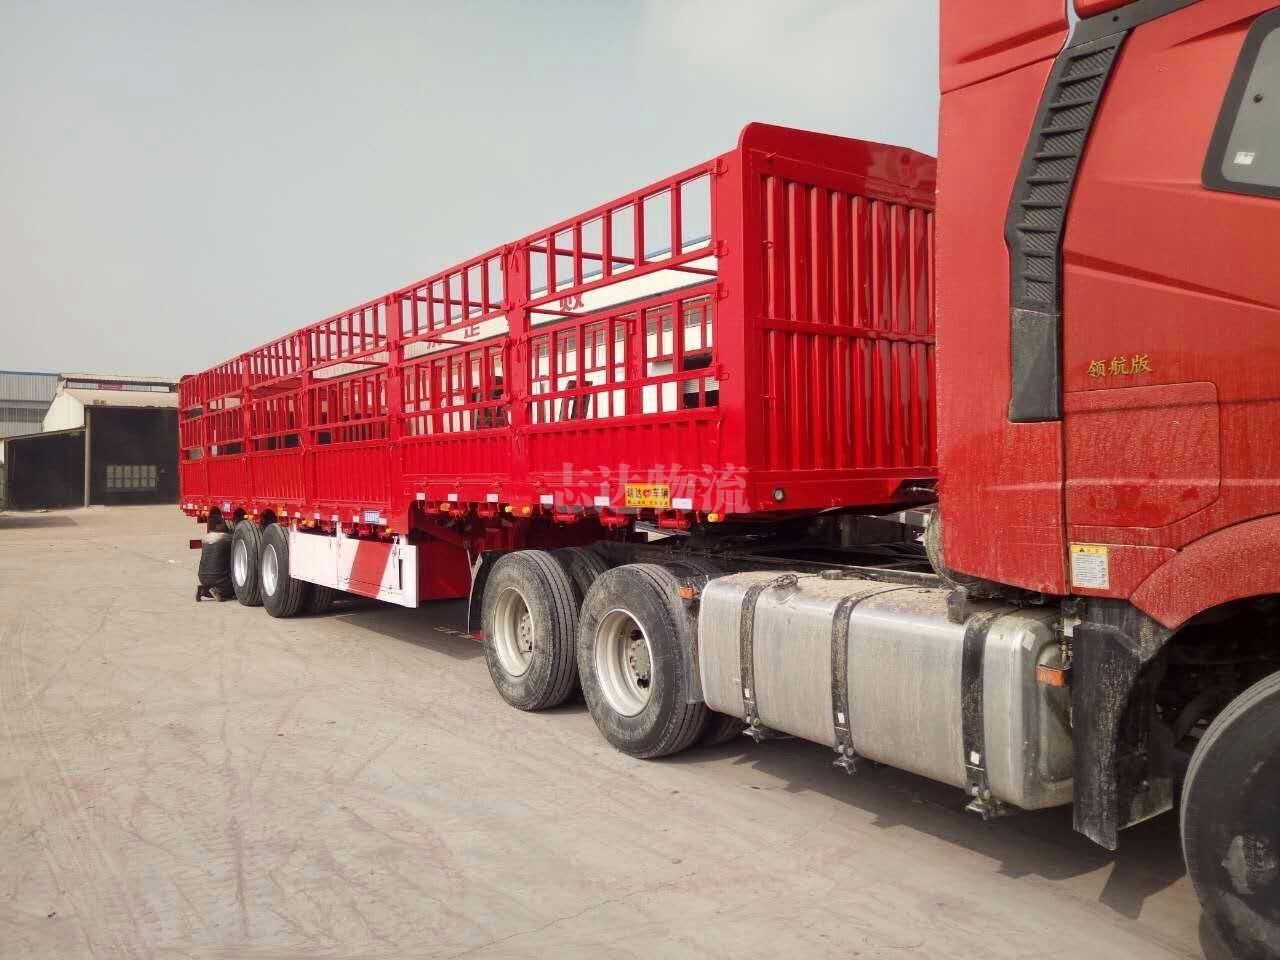 高栏货车常熟物流公司